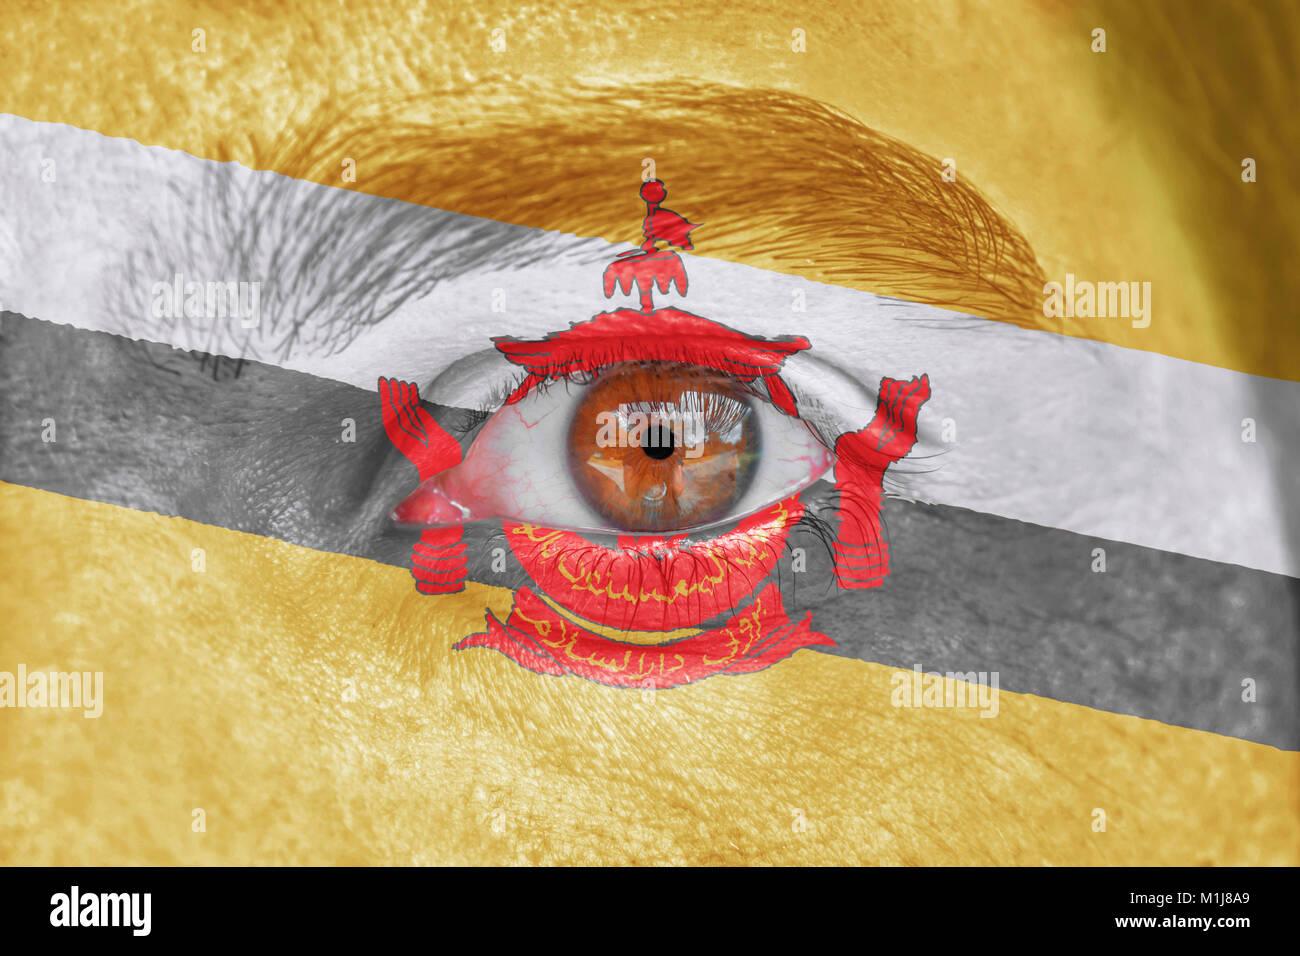 Volto umano e l'Occhio dipinto con la bandiera del Brunei Immagini Stock